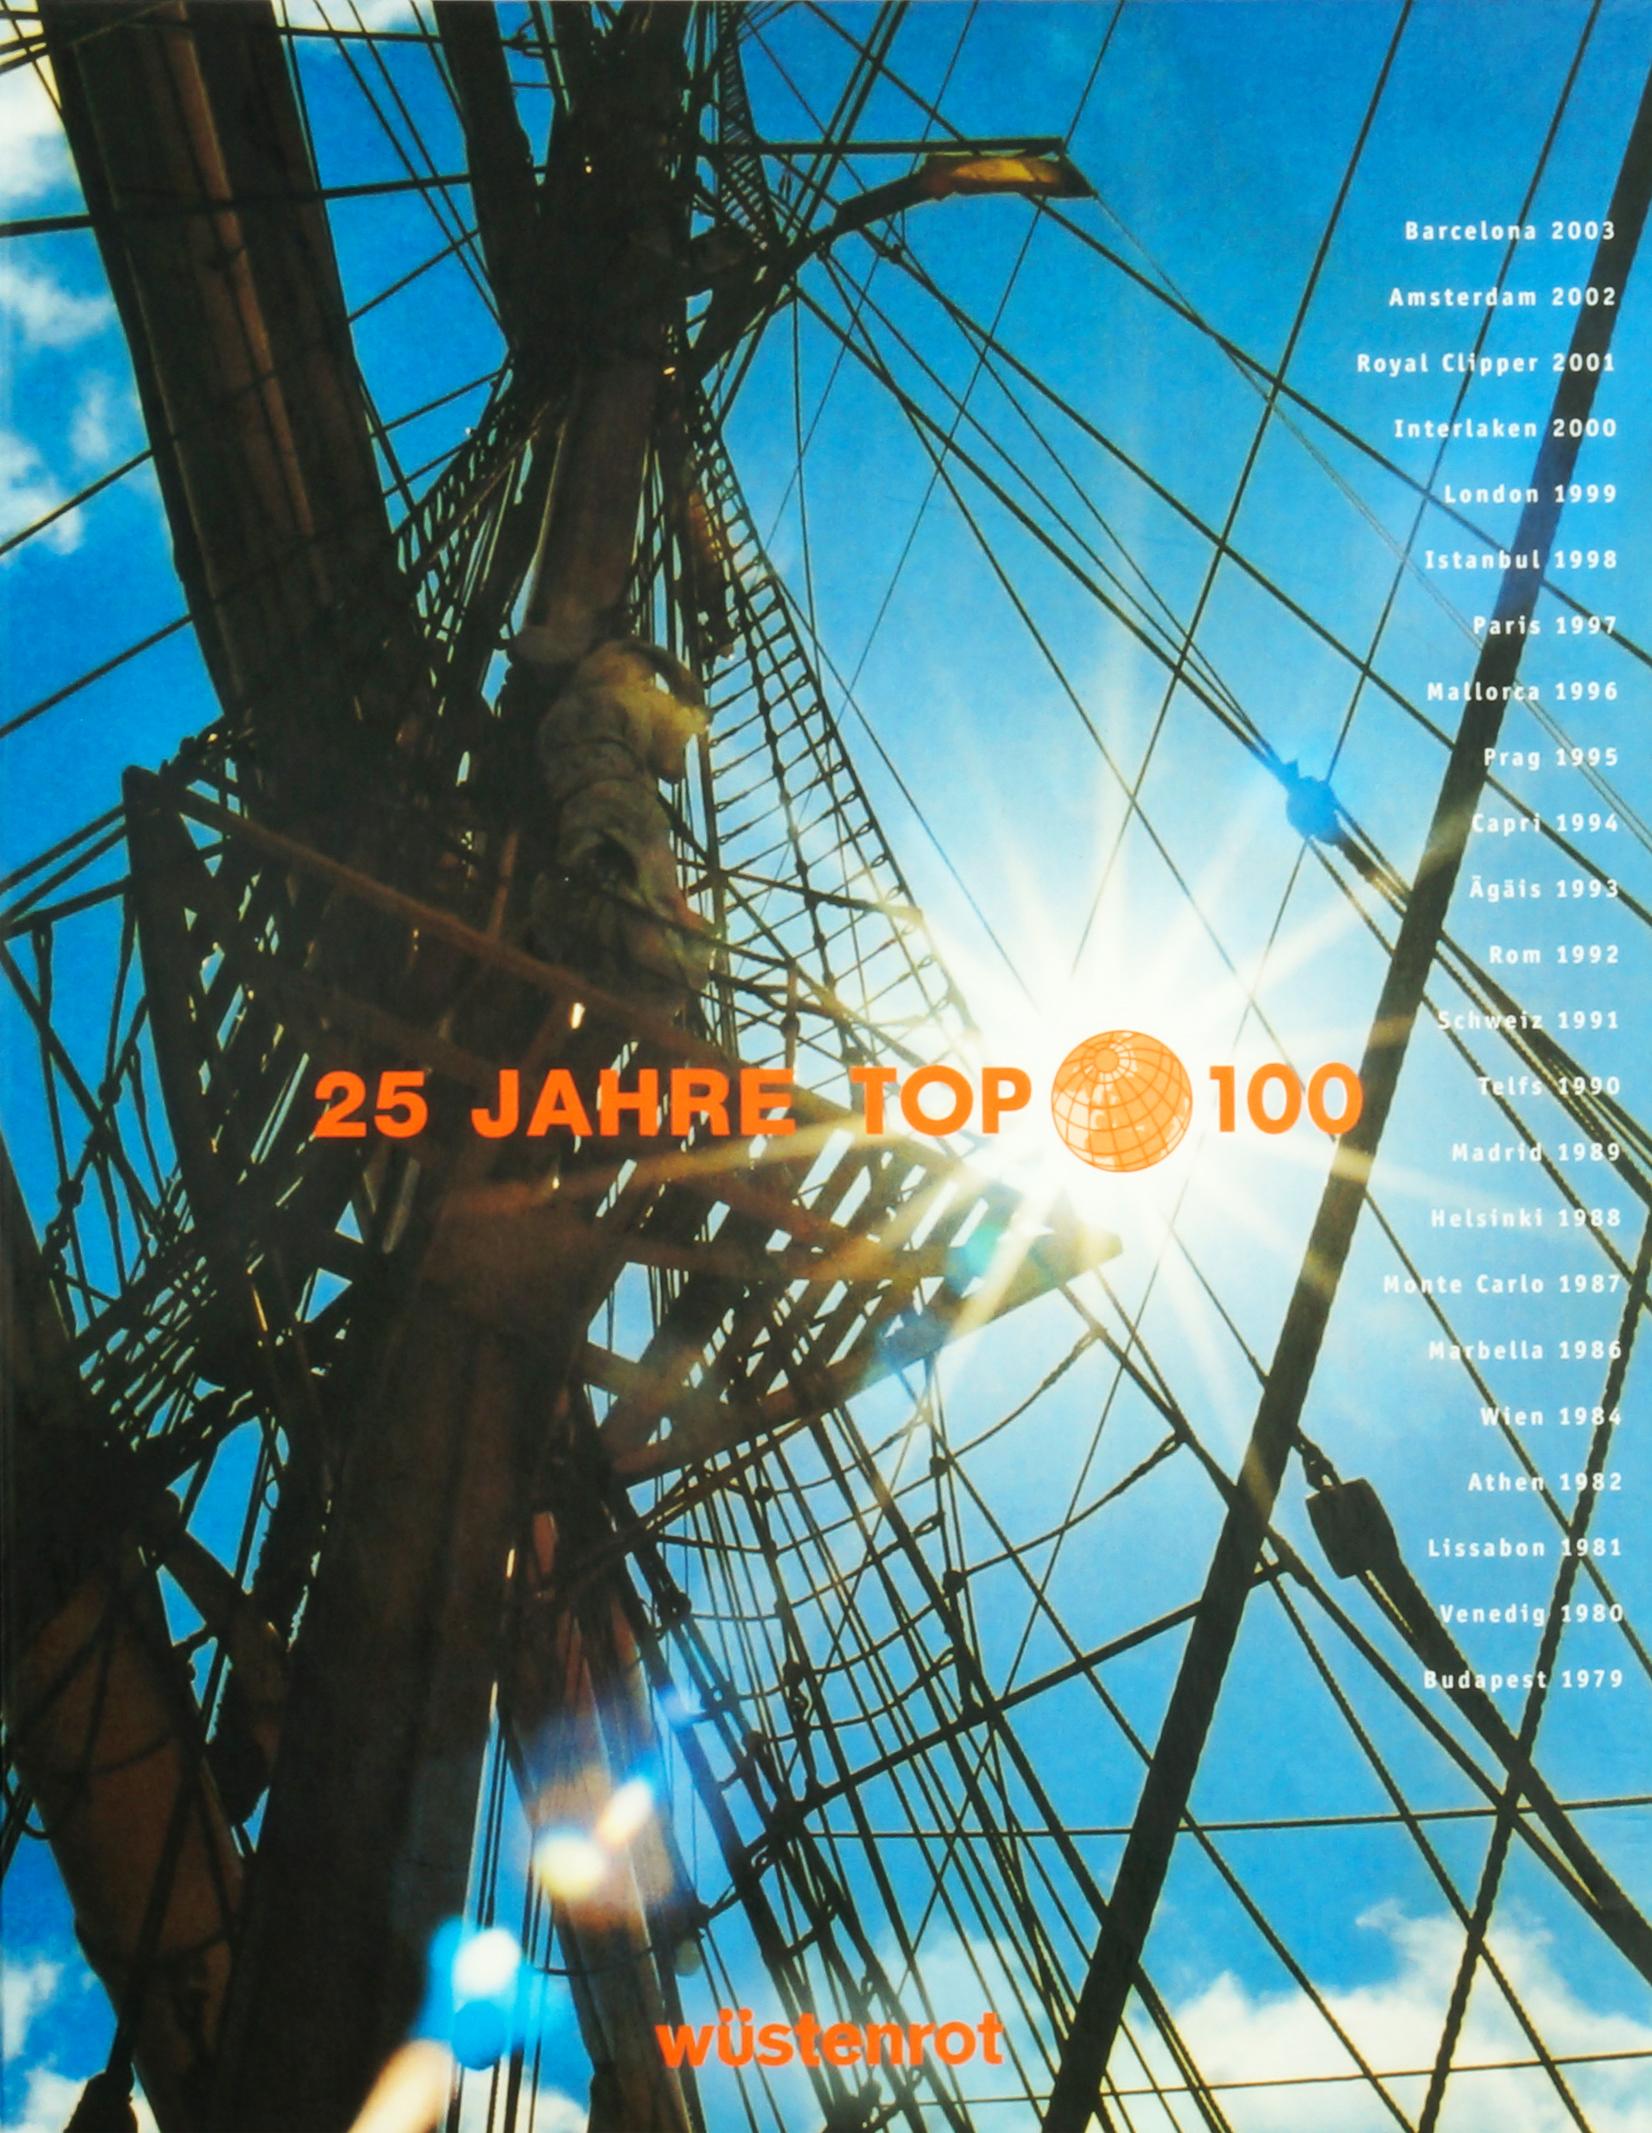 25 Jahre TOP 100